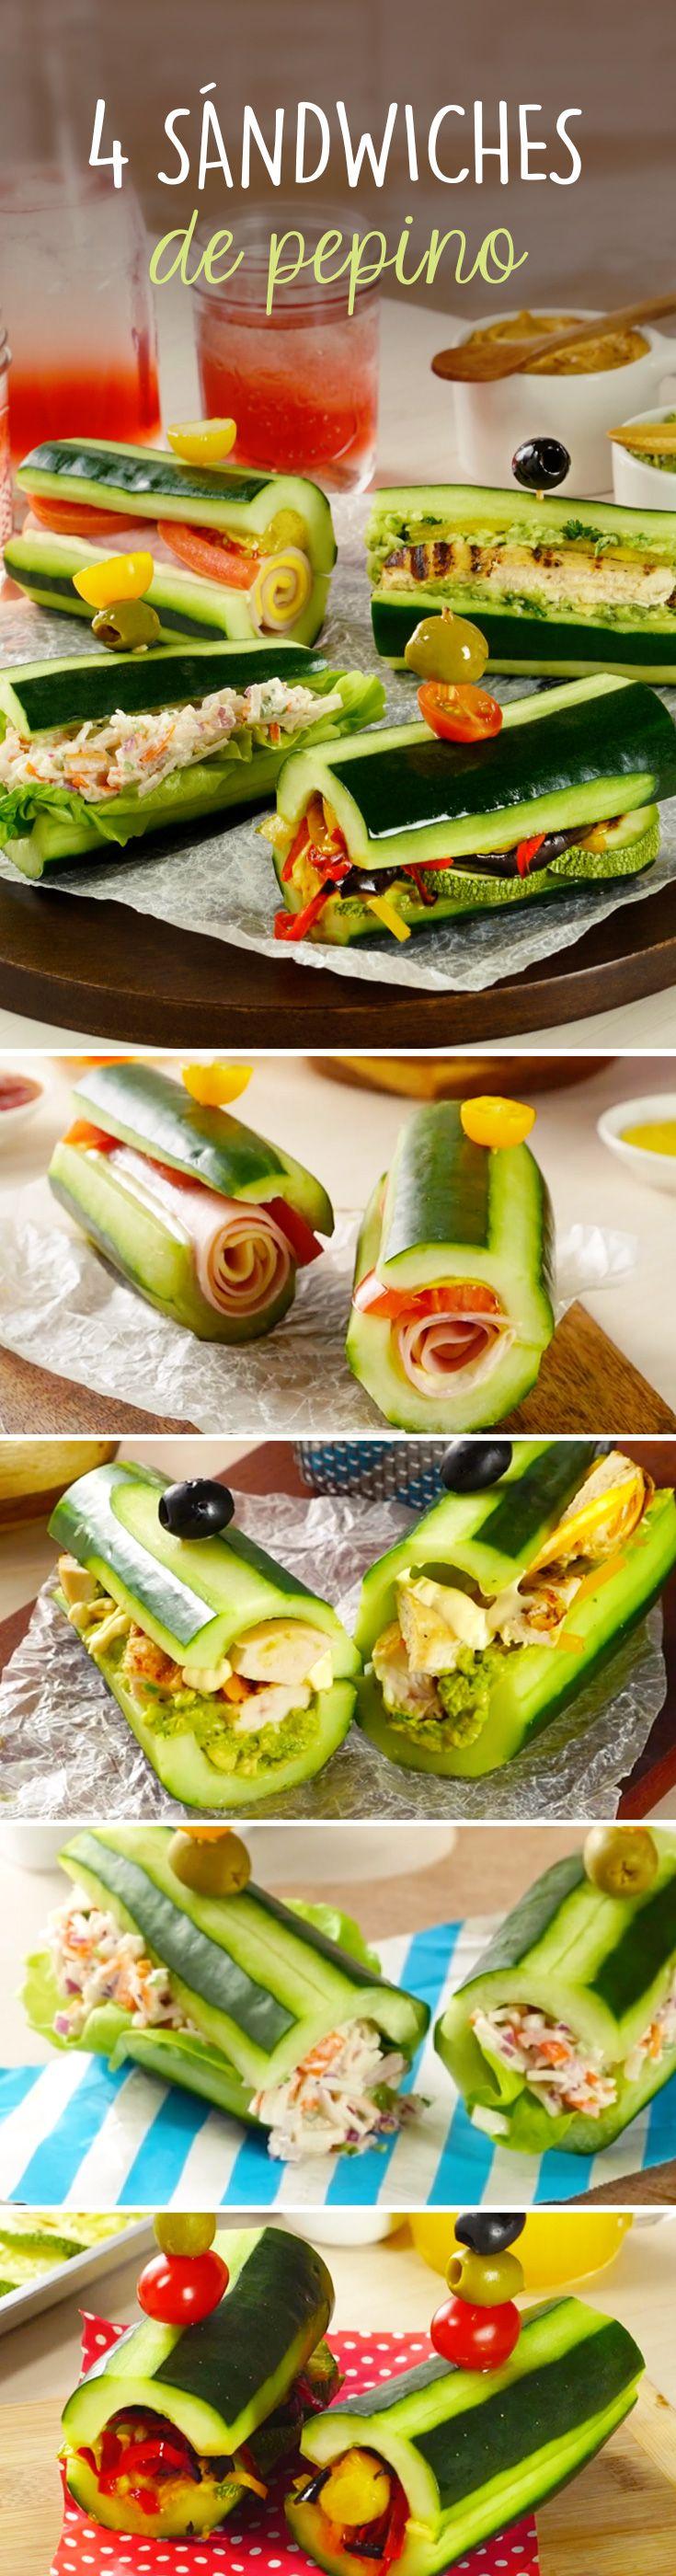 Receta baja en carbohidratos de pepinos rellenos a forma de sándwich saludable de jamón y queso, una fresca ensalada de surimi, pollo con guacamole o el de verduras rostizadas al horno con un toque picosito de hummus.